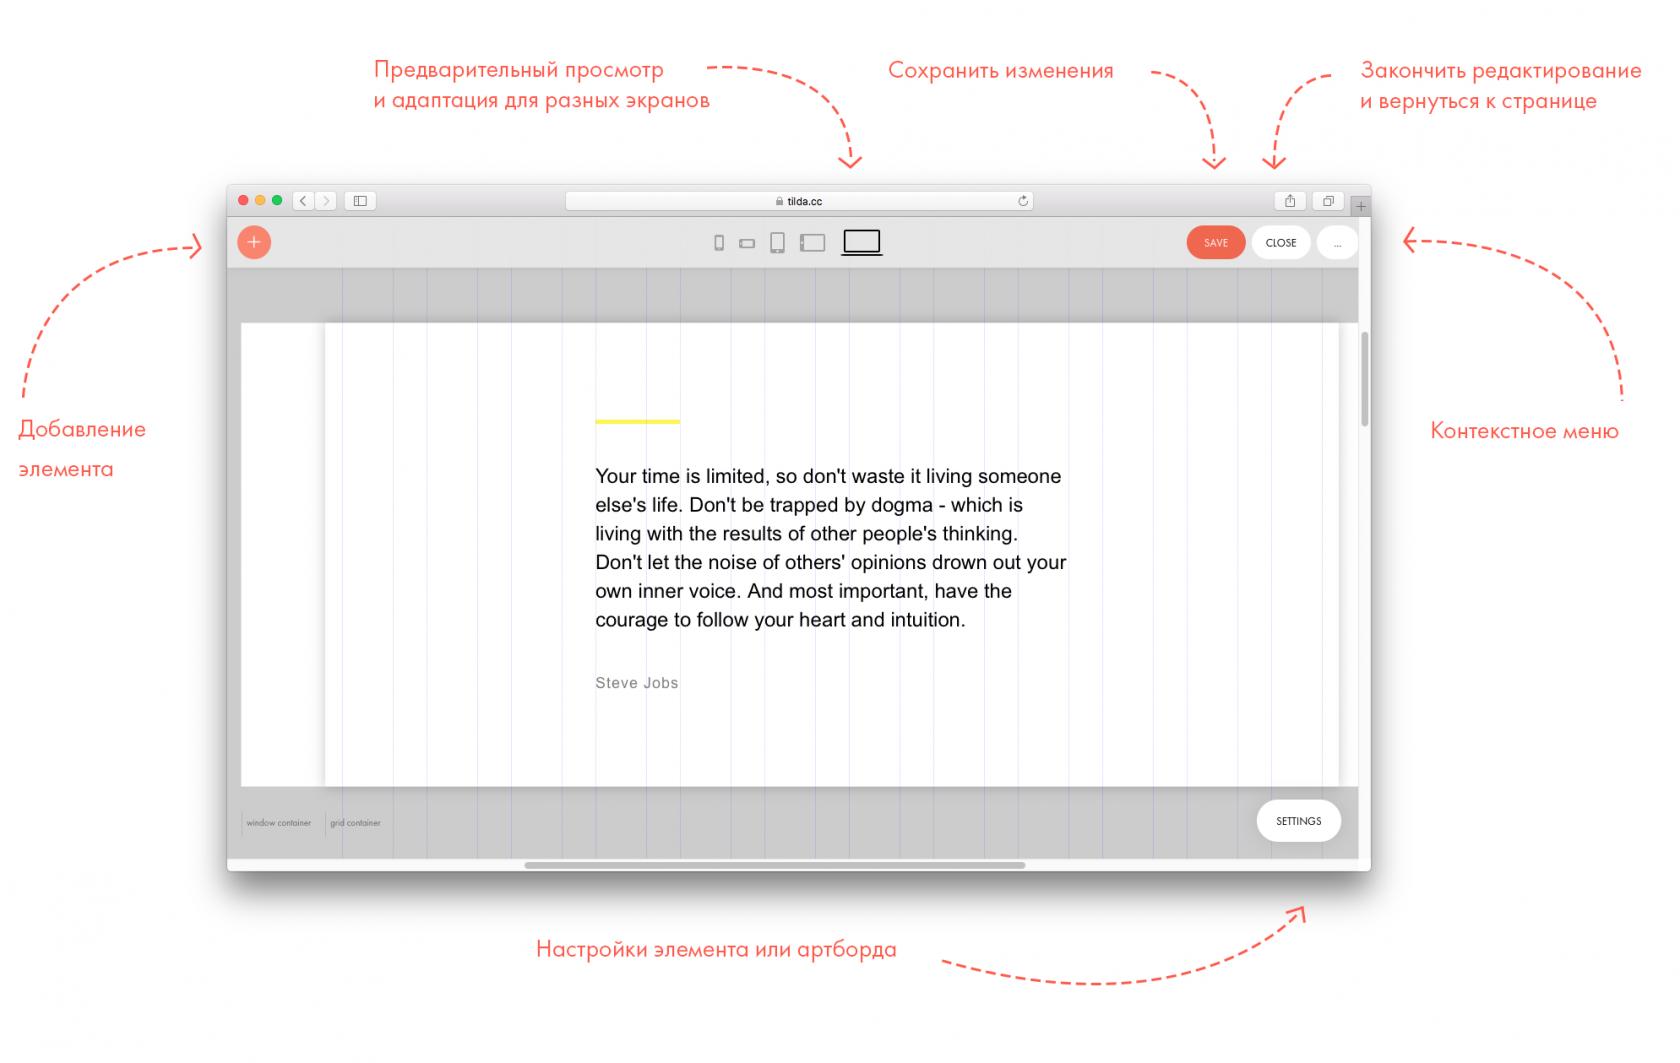 Как сделать чтобы фон шапки сайта был по границам экрана уроки петр уванов создание сайтов